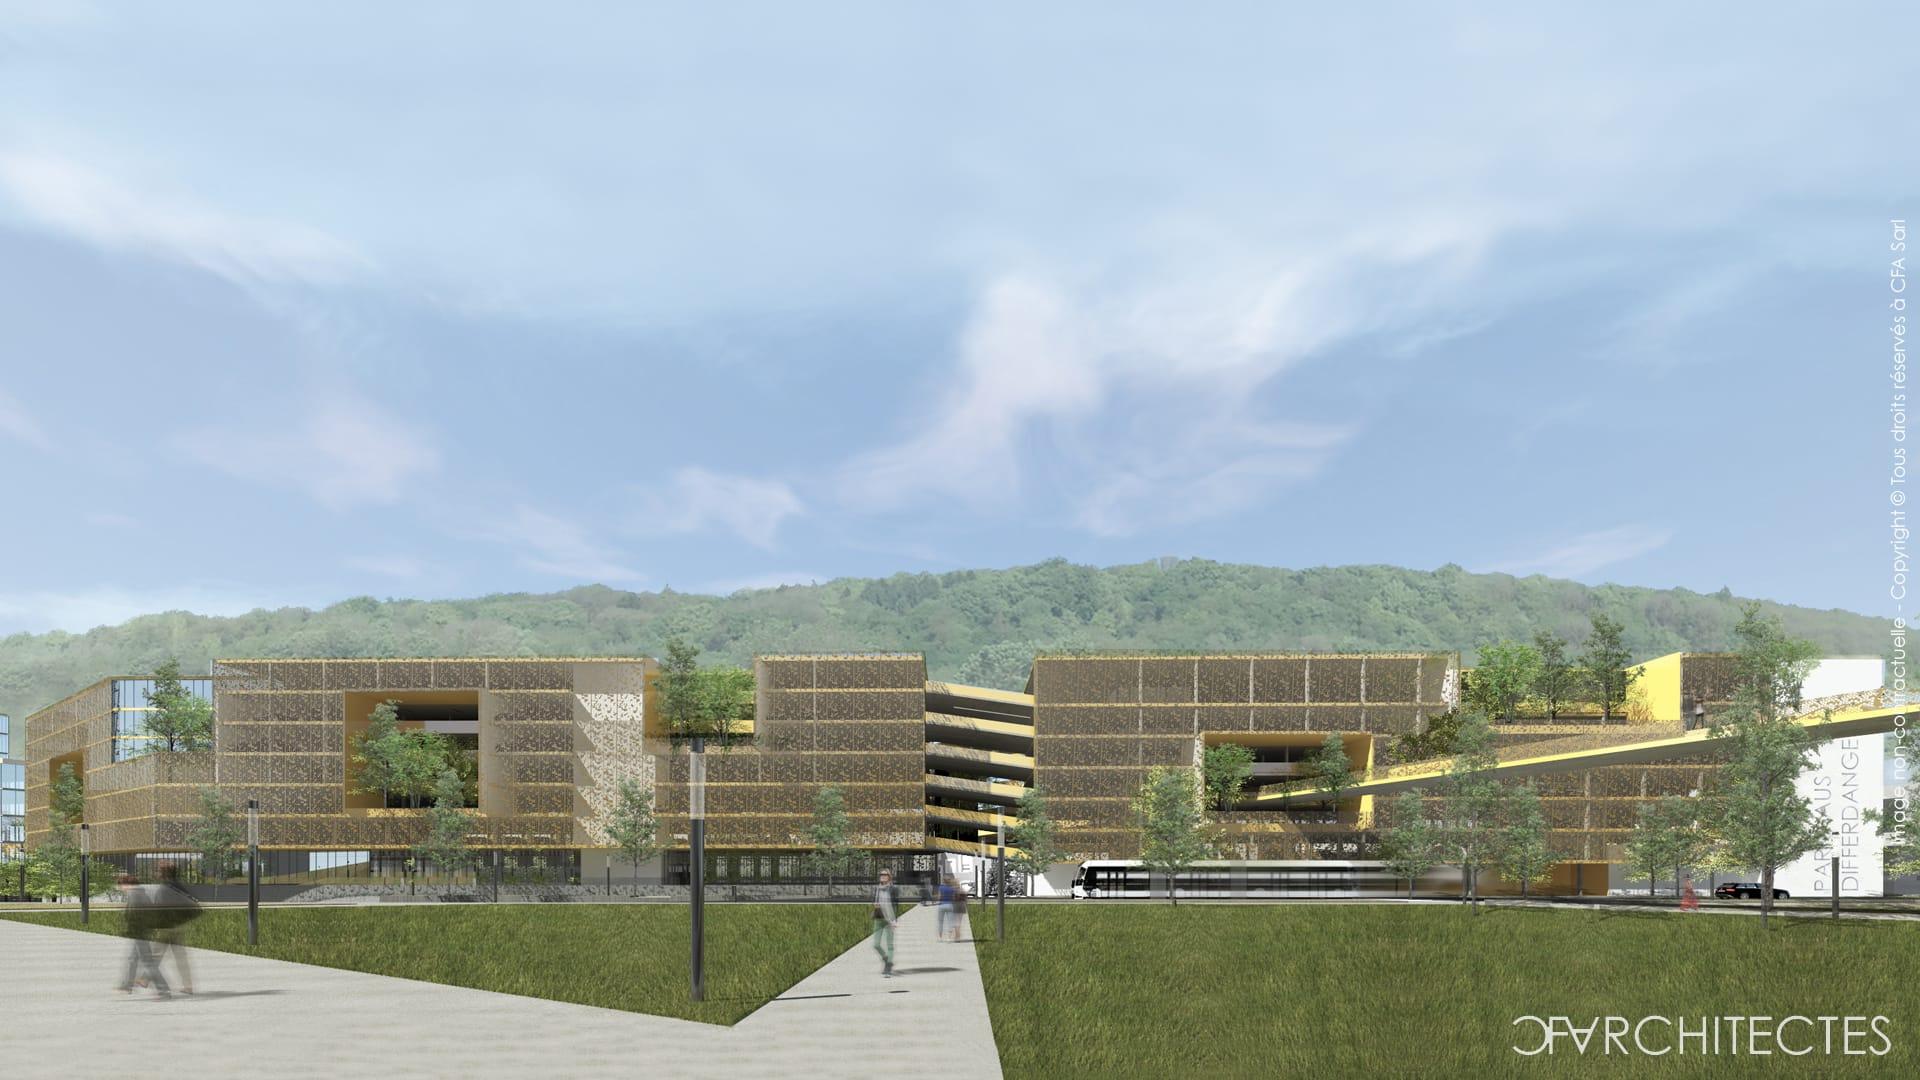 056 dif differdange parkhaus 2020 cfarchitectes for Architecte luxembourg